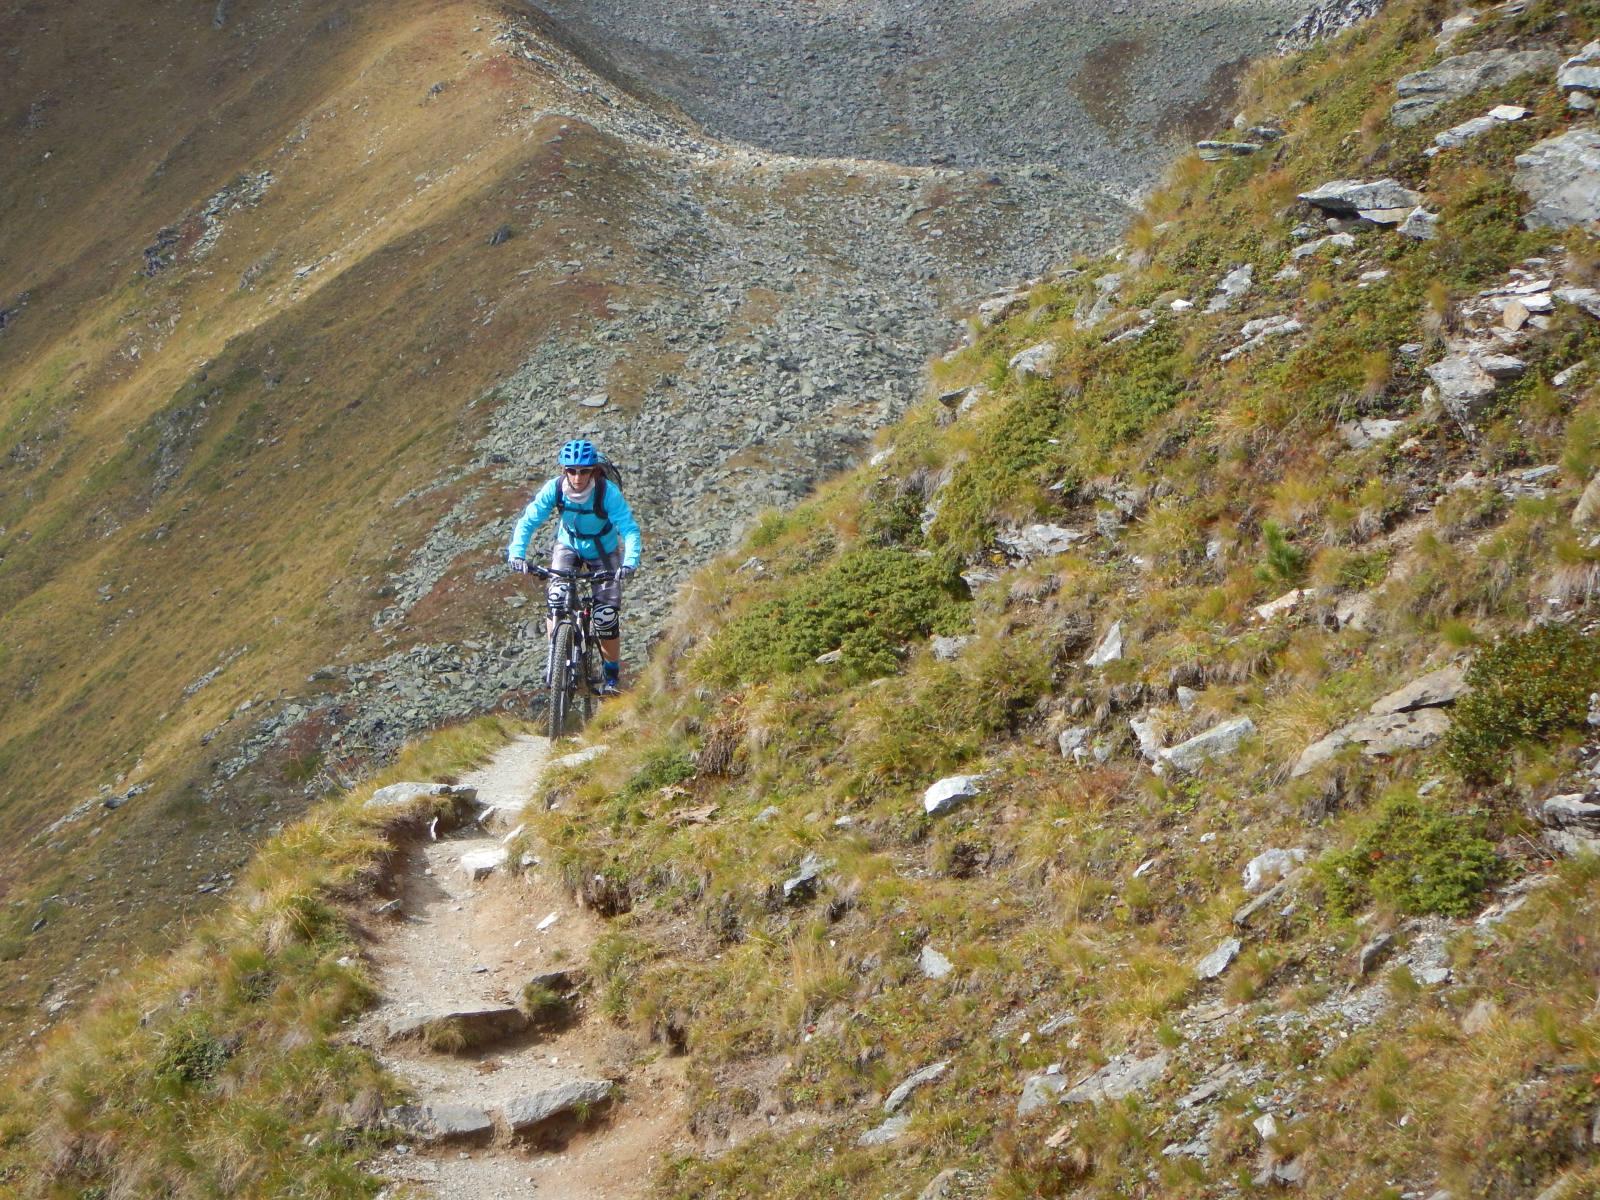 alpine Steige versprechen Trailspaß